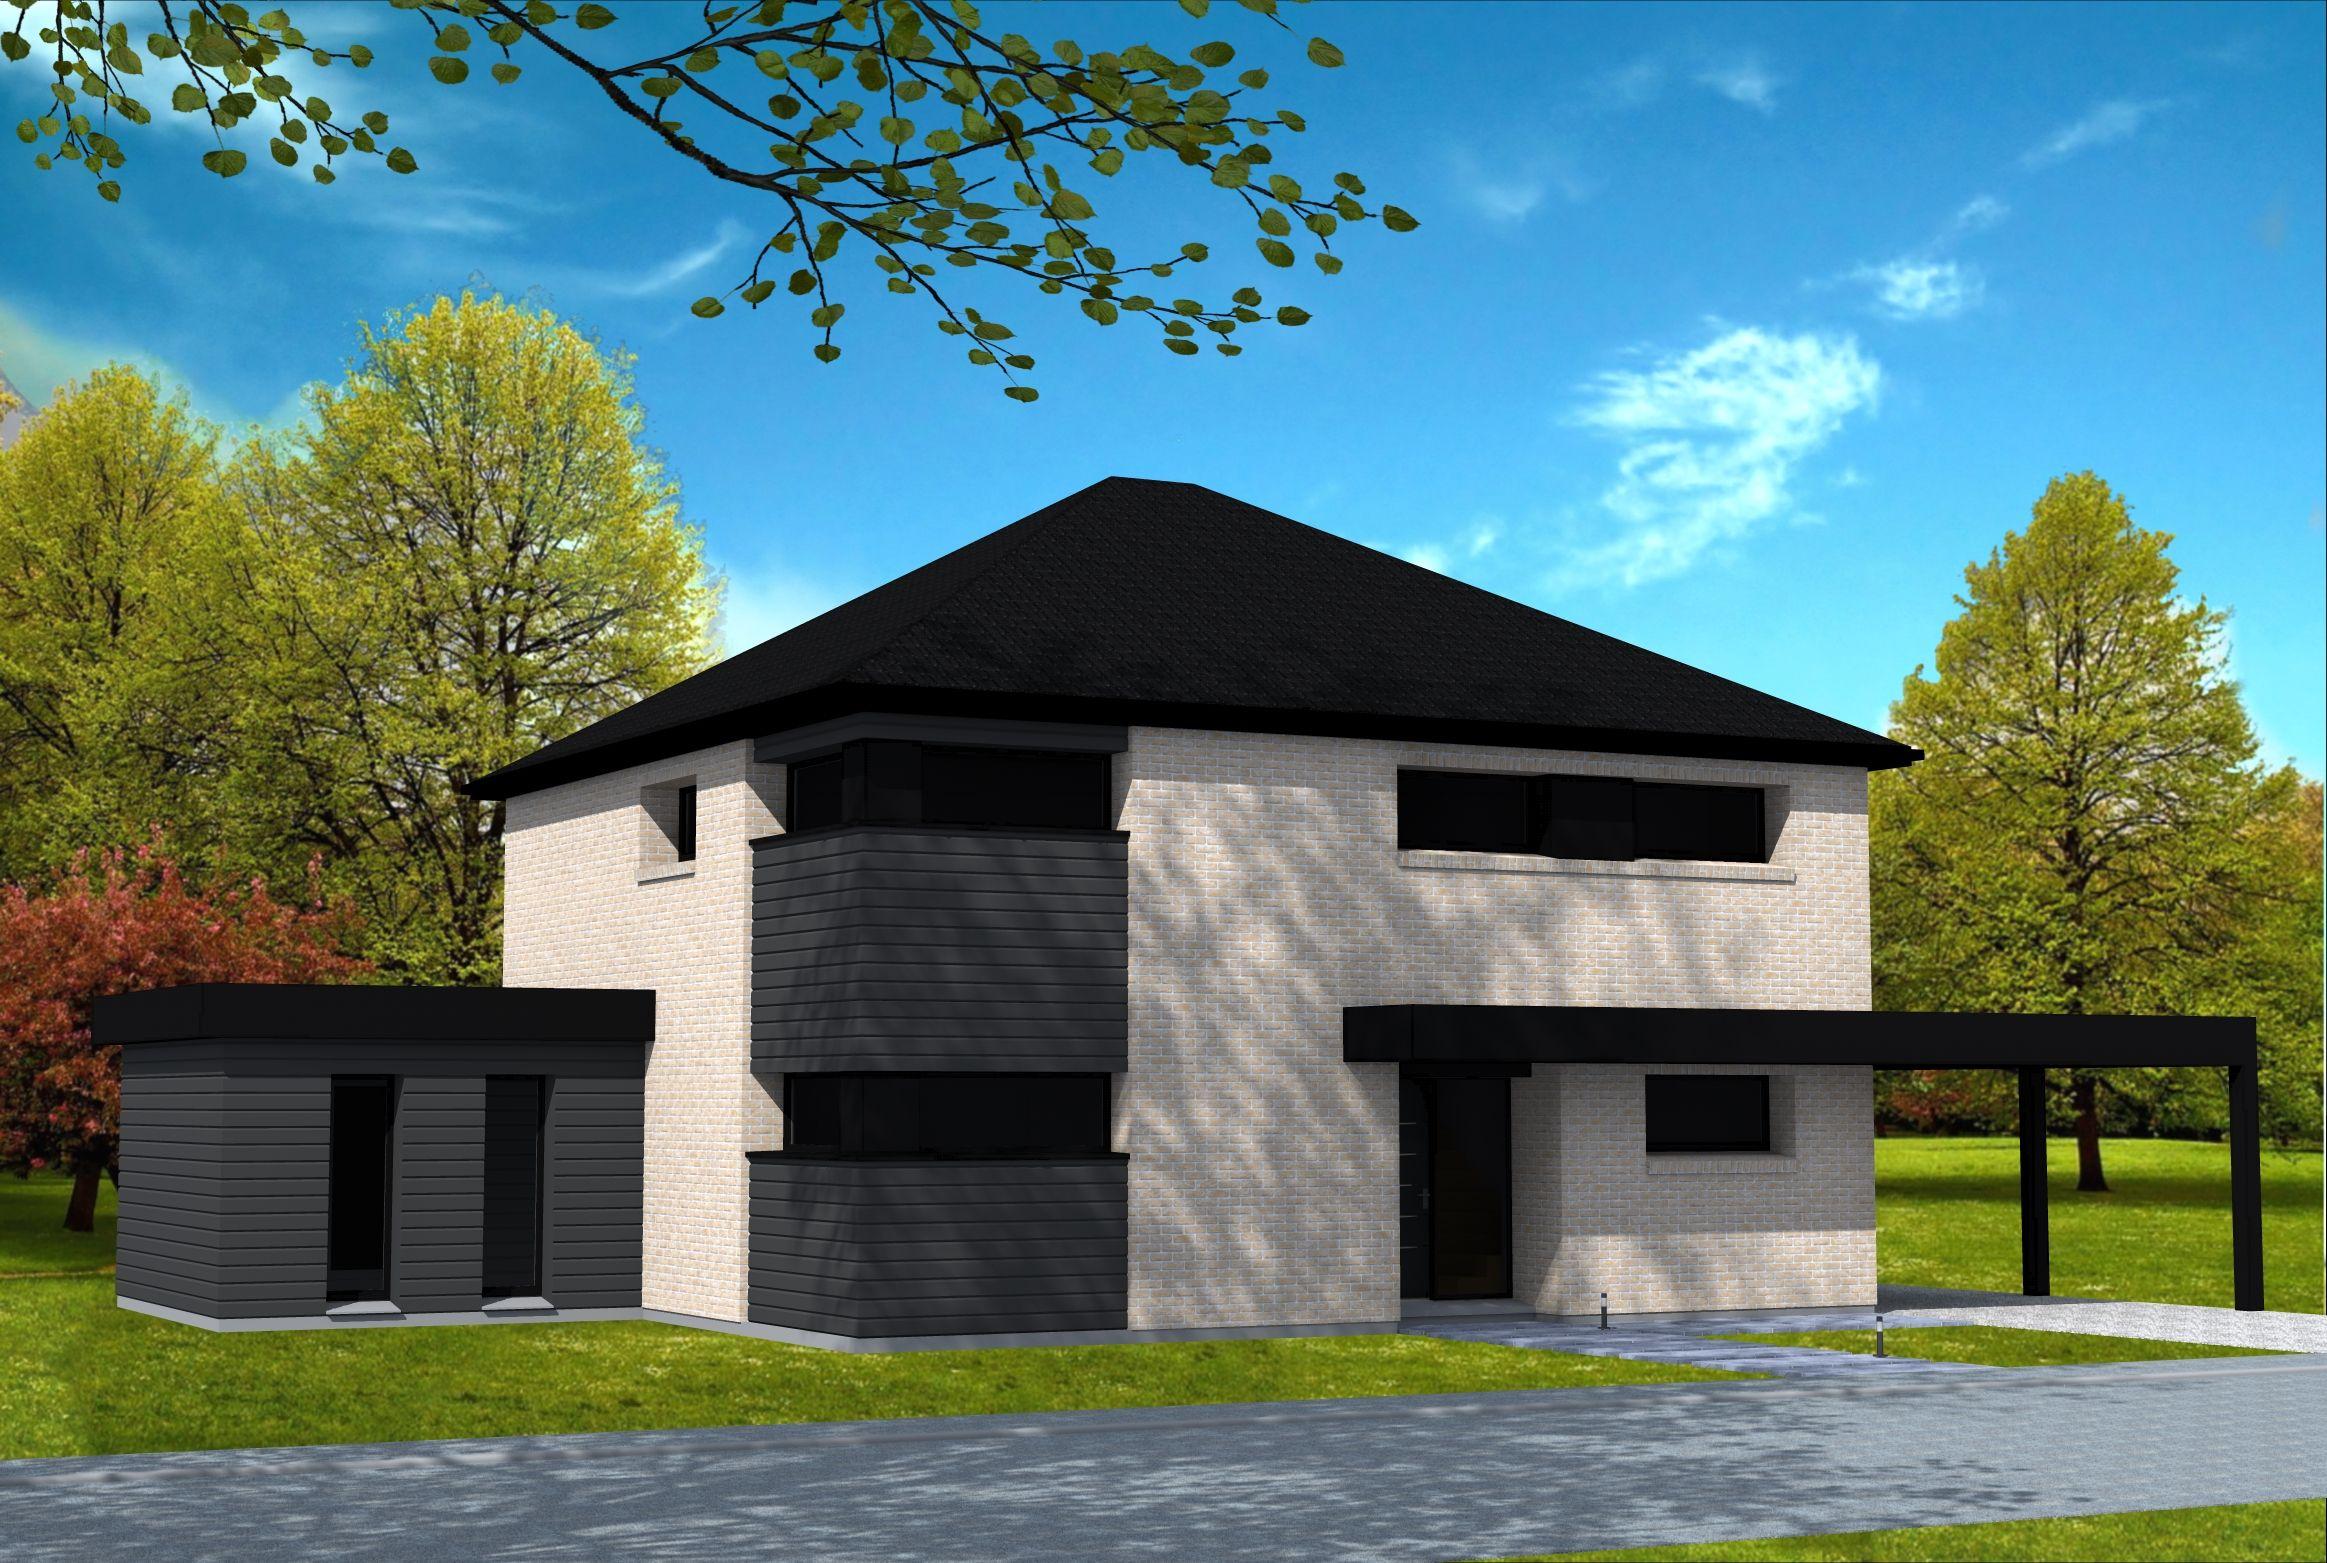 Maison moderne type cubique avec toit à 4 pans, briques avec parties ...